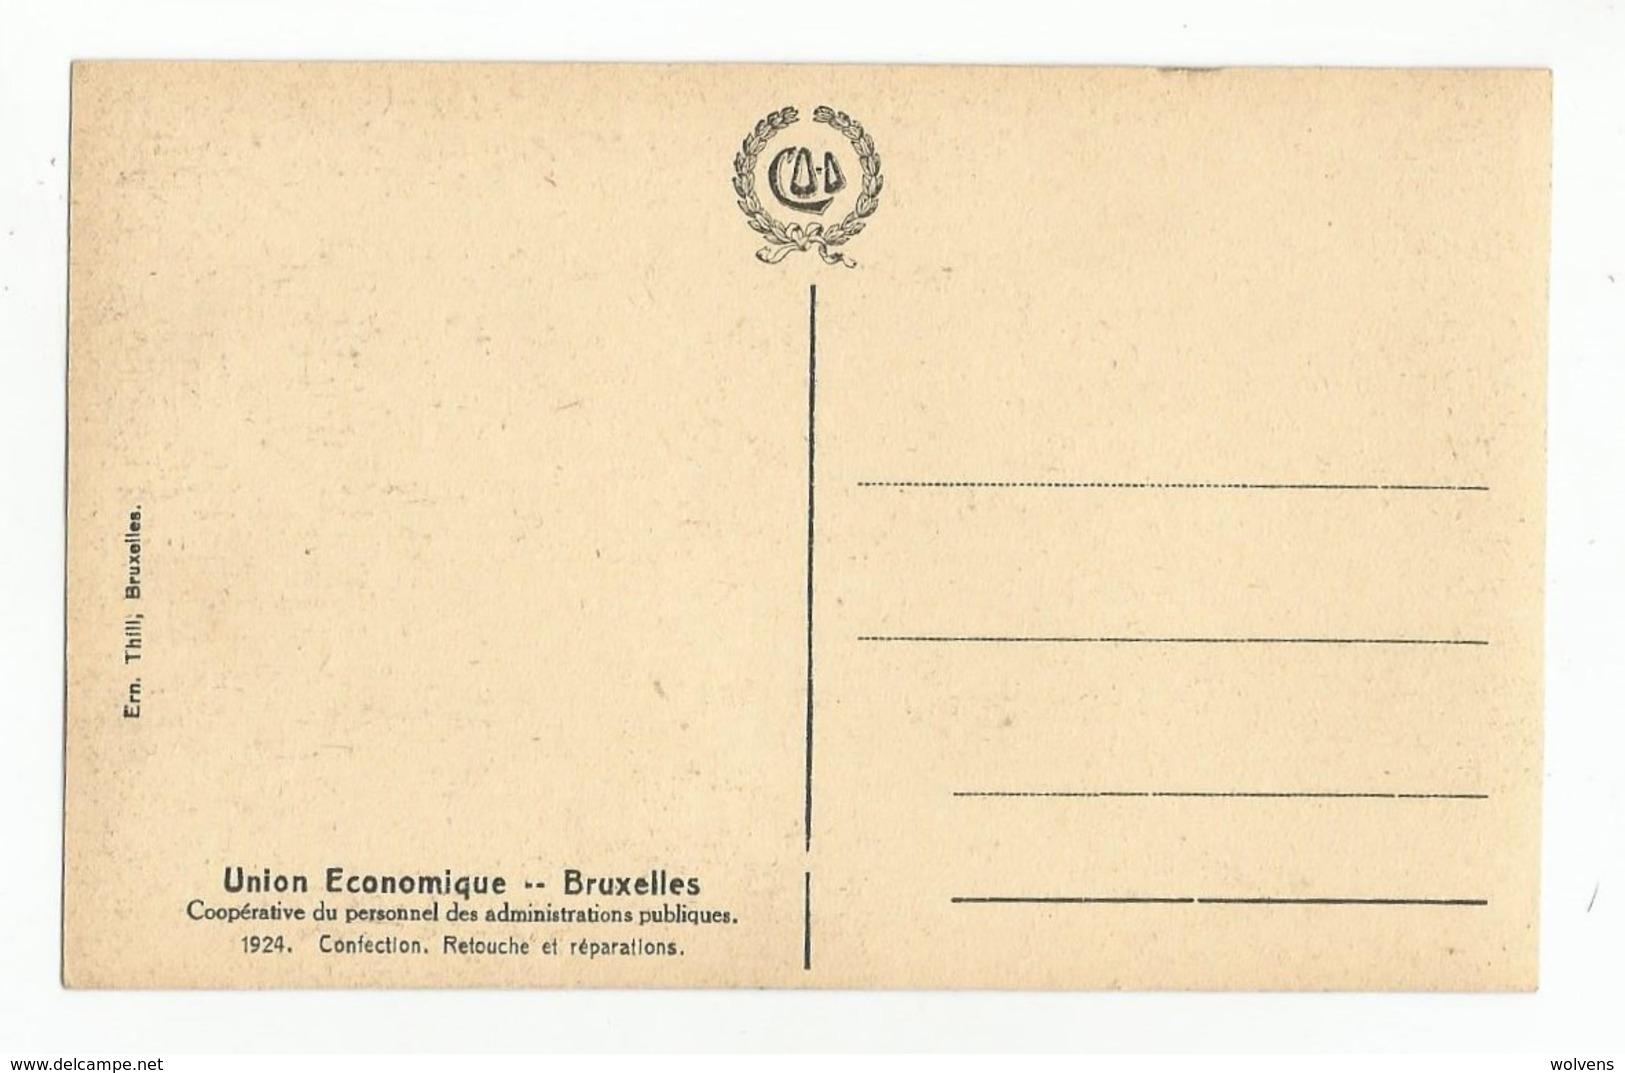 Bruxelles Union Economique Couture Confection Retouche Et Réparations Carte Postale Ancienne Animée - Old Professions